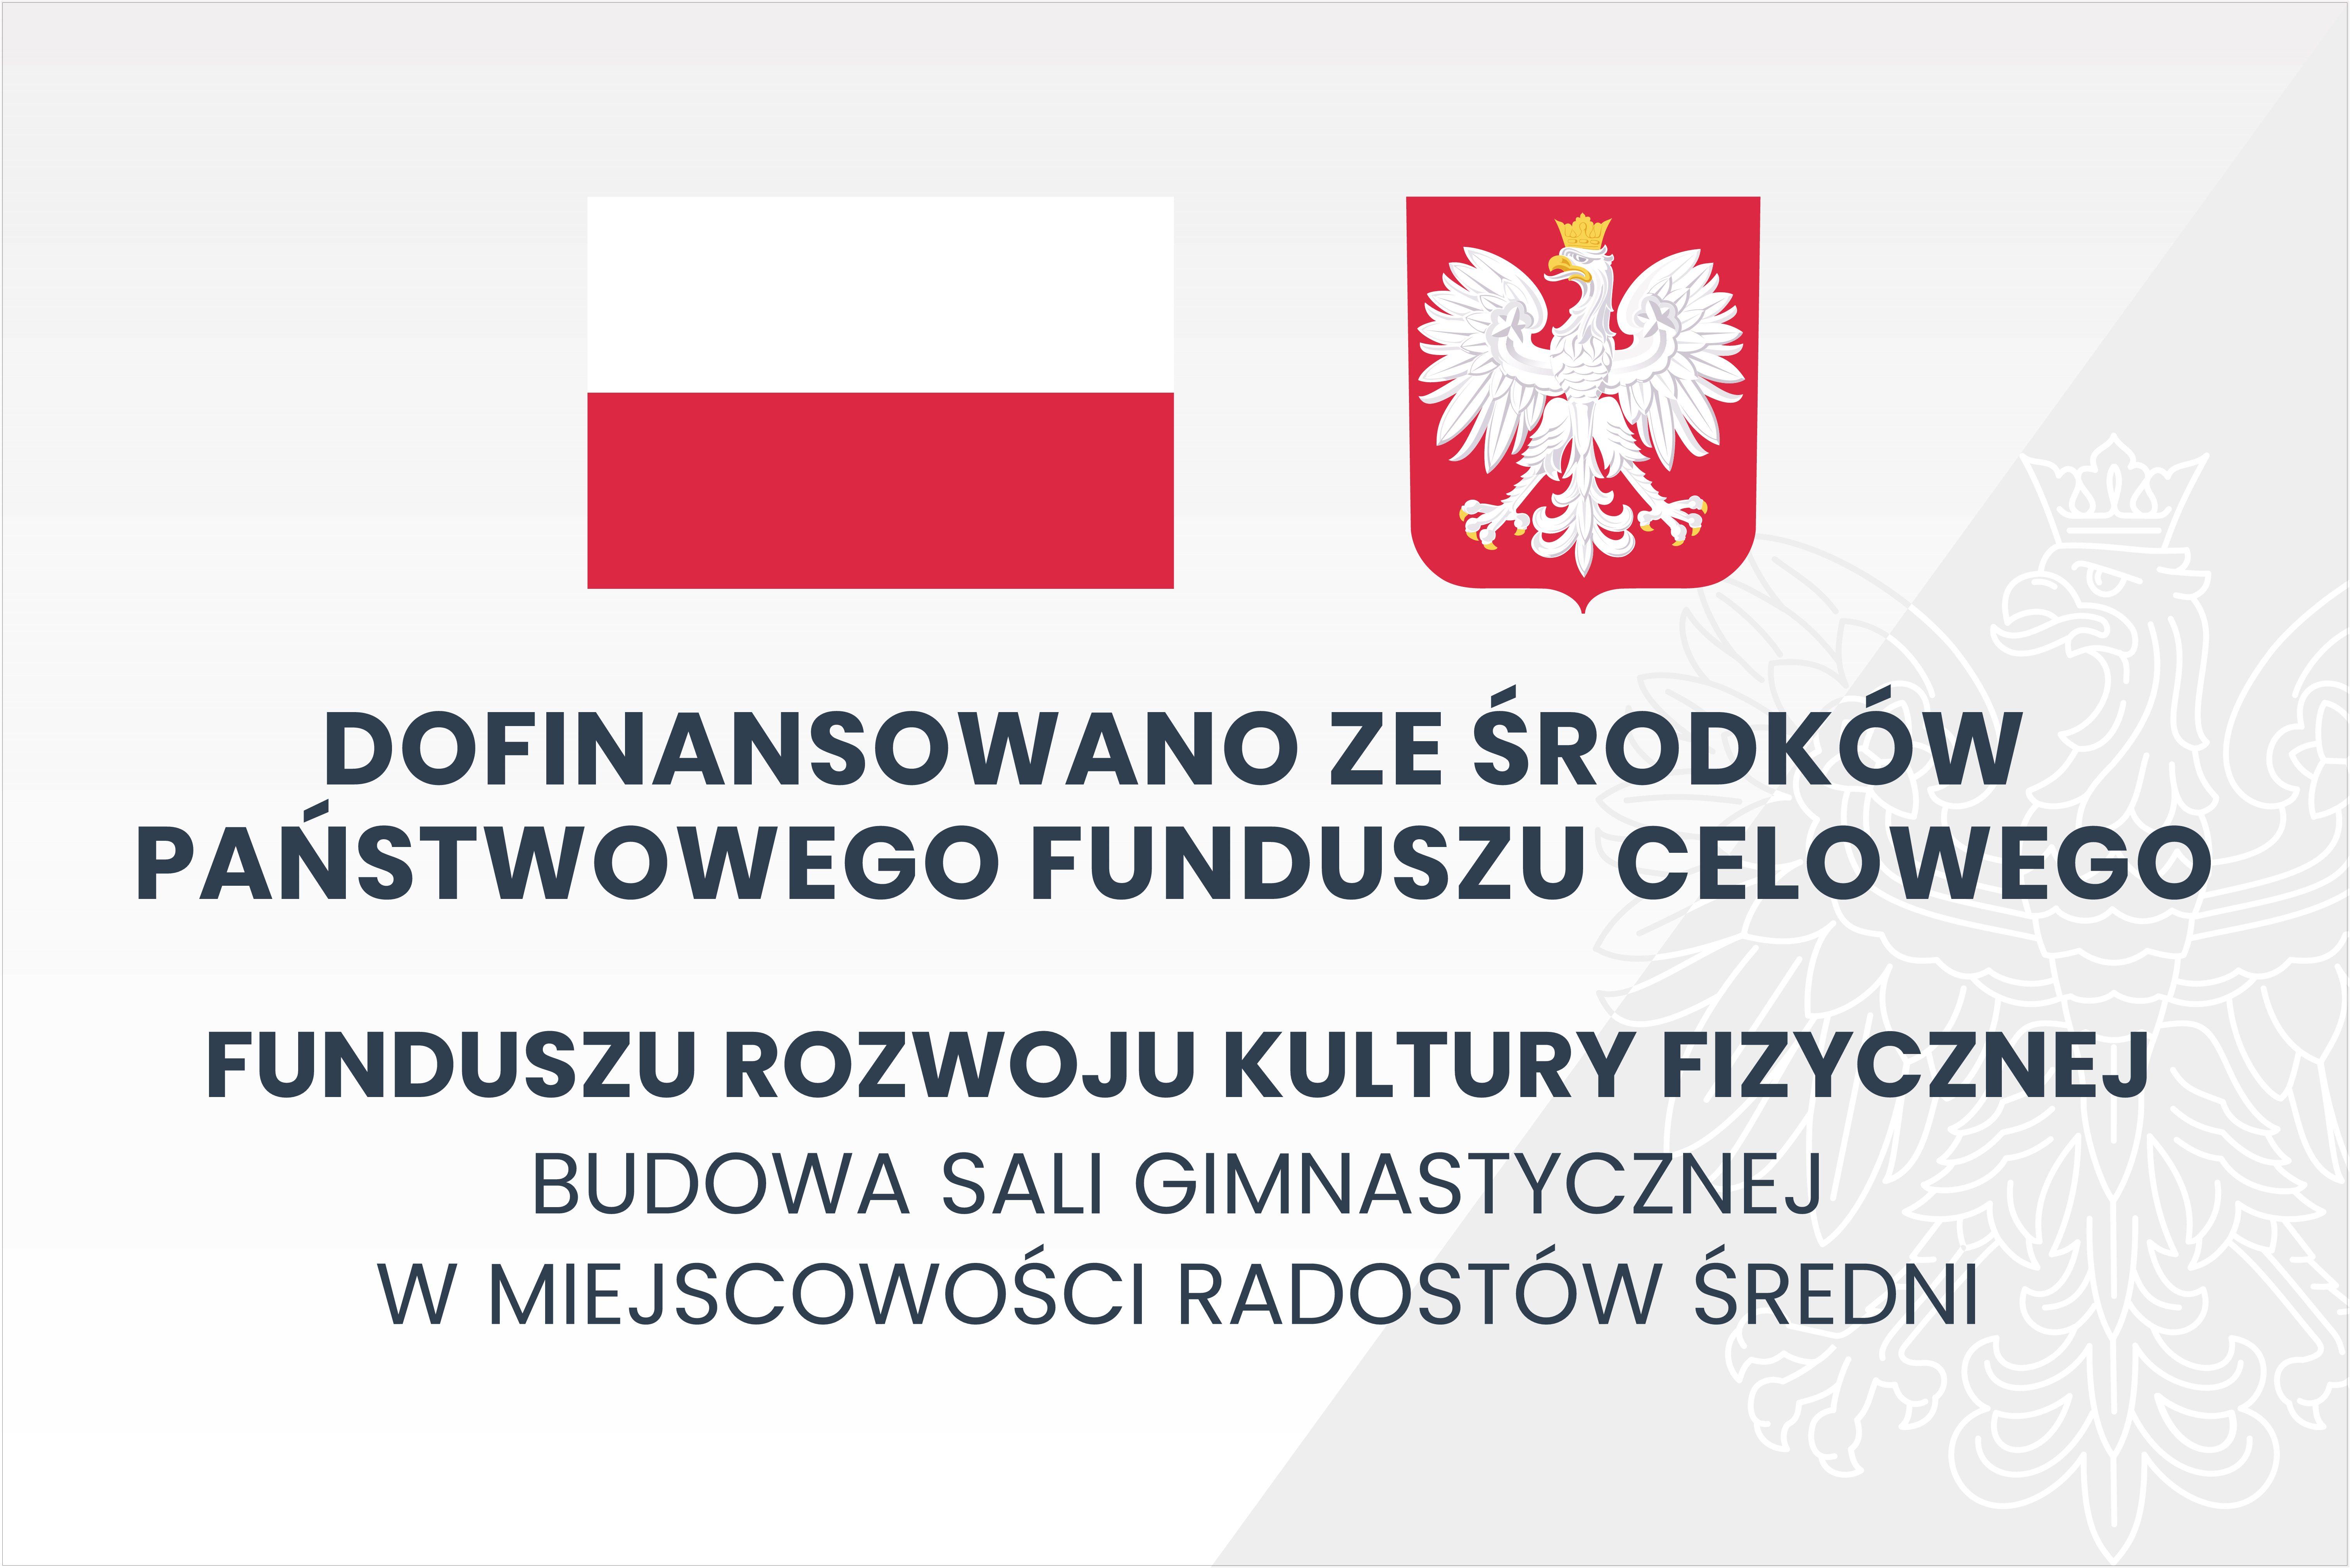 Rozpoczęto realizację inwestycji ze środków Funduszu Rozwoju Kultury Fizycznej w ramach Programu Sportowa Polska- Program Rozwoju Lokalnej Infrastruktury Sportowej